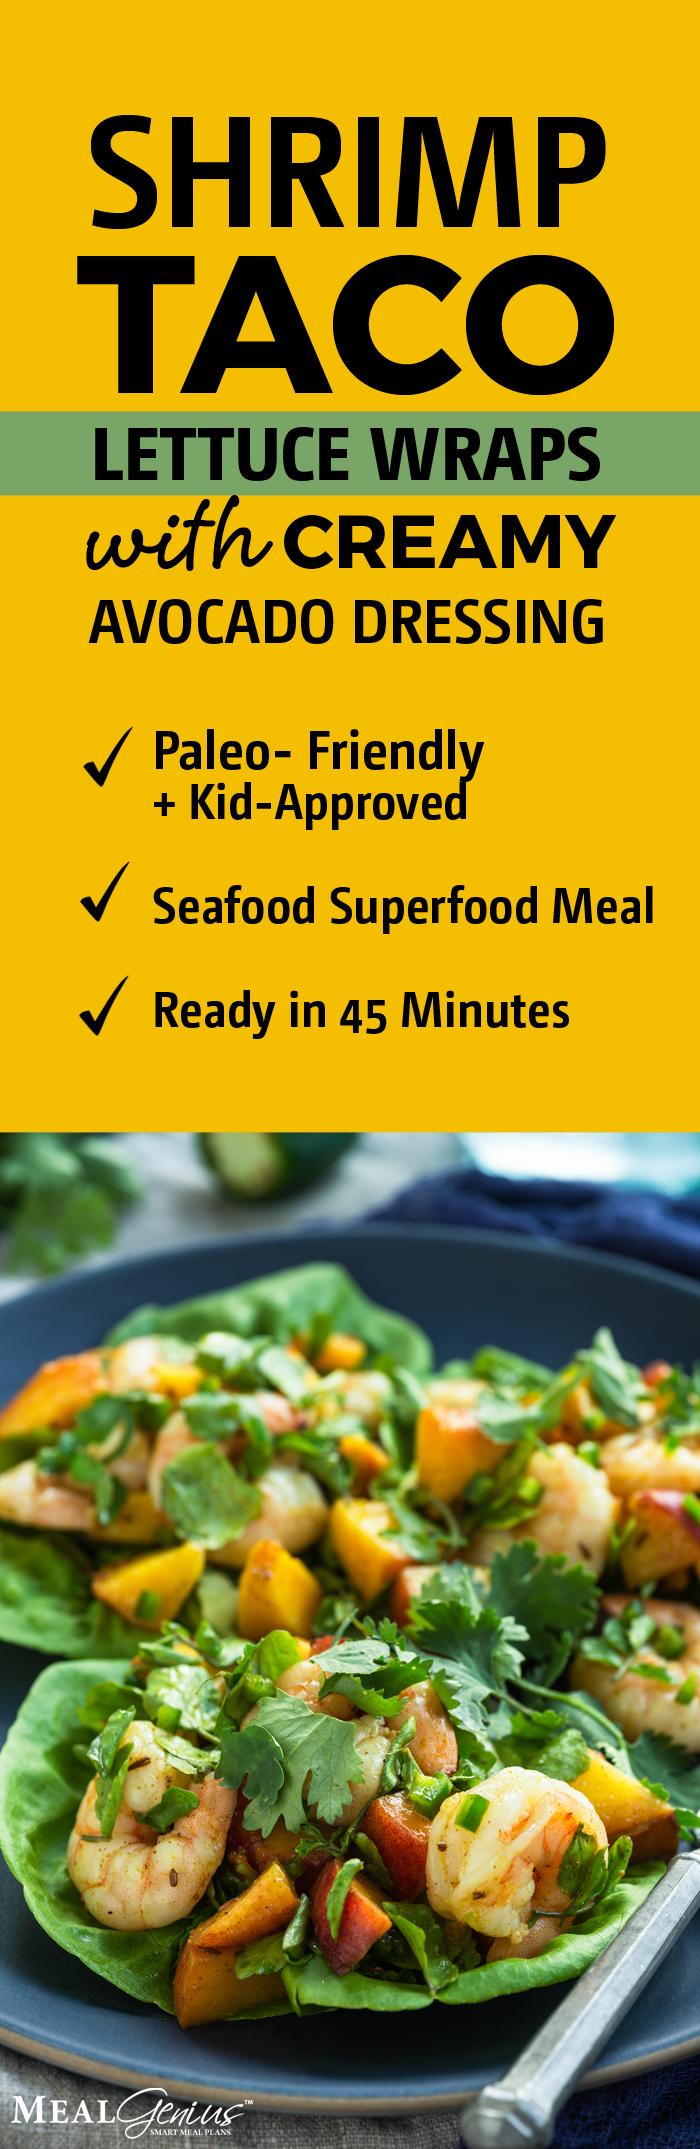 Shrimp Taco Lettuce Wraps - Meal Genius